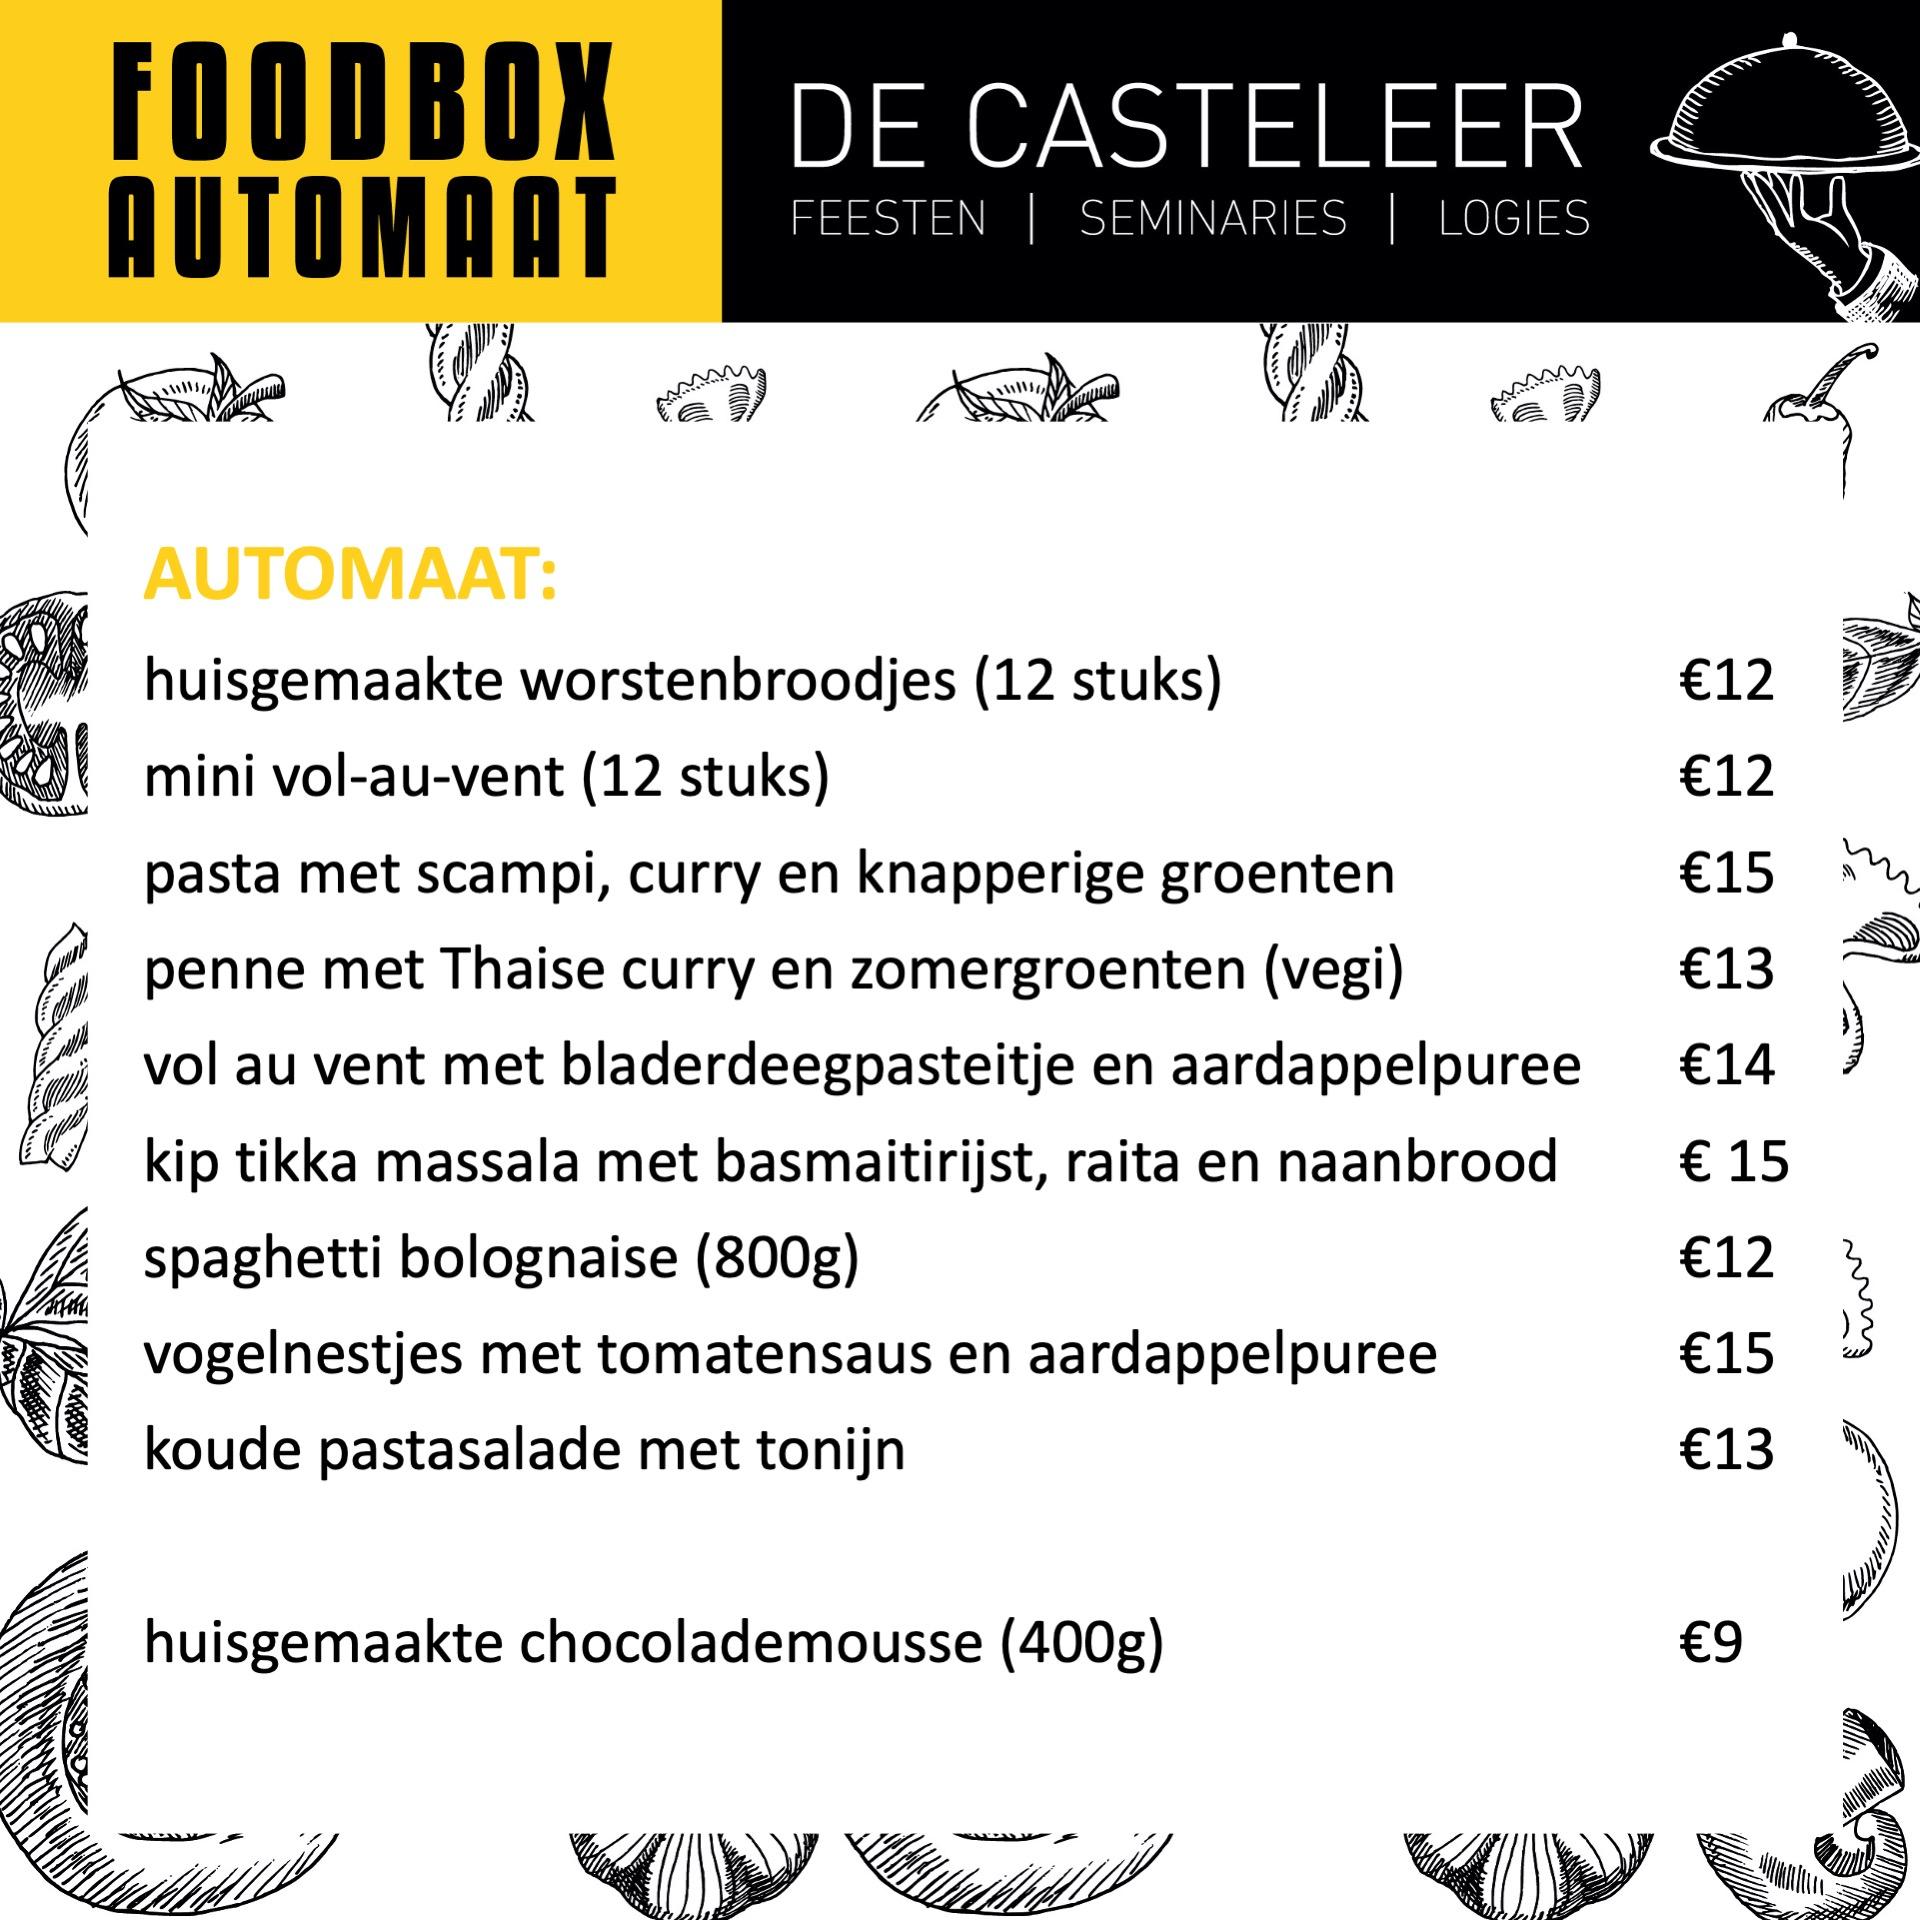 automaat De Casteleer